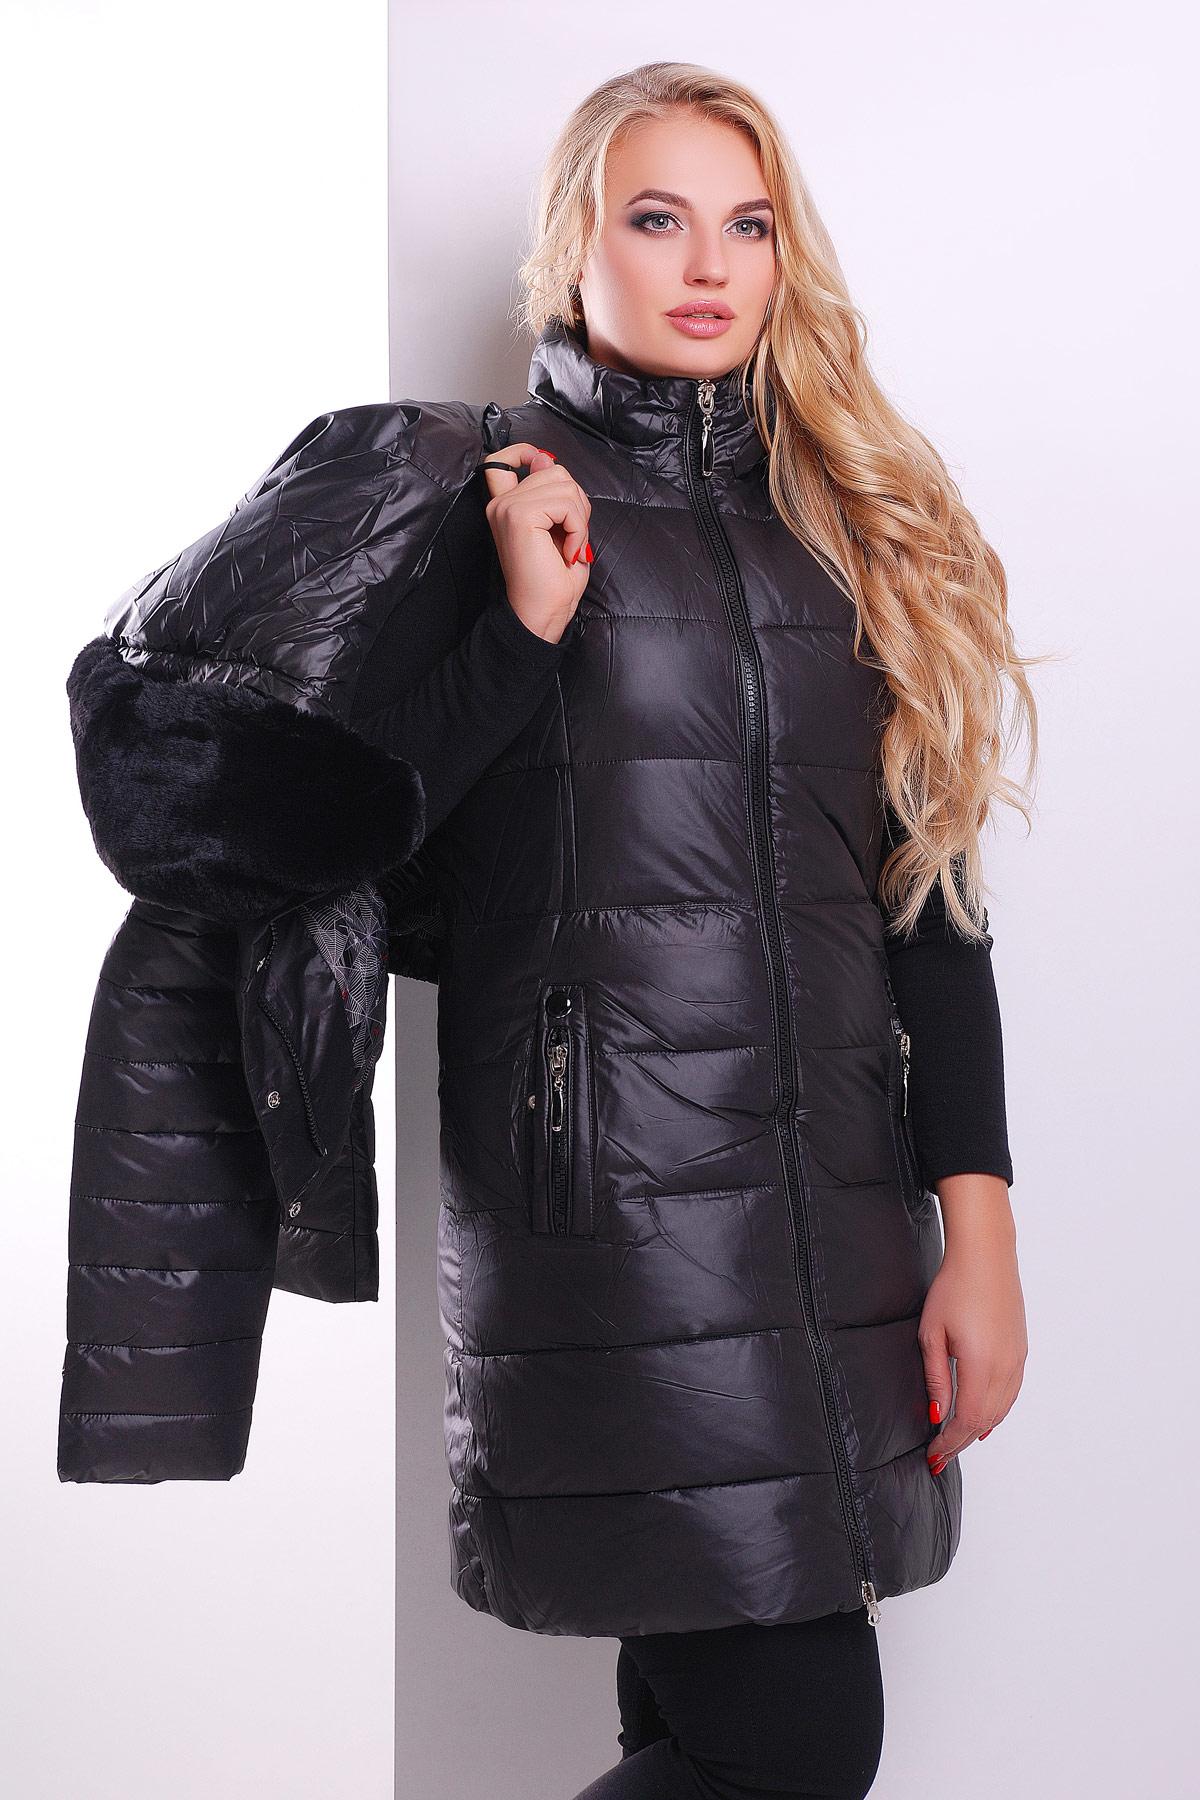 bbd1605a154 Цвет  черный купить · Зимняя куртка-двойка красного цвета. Куртка 13.